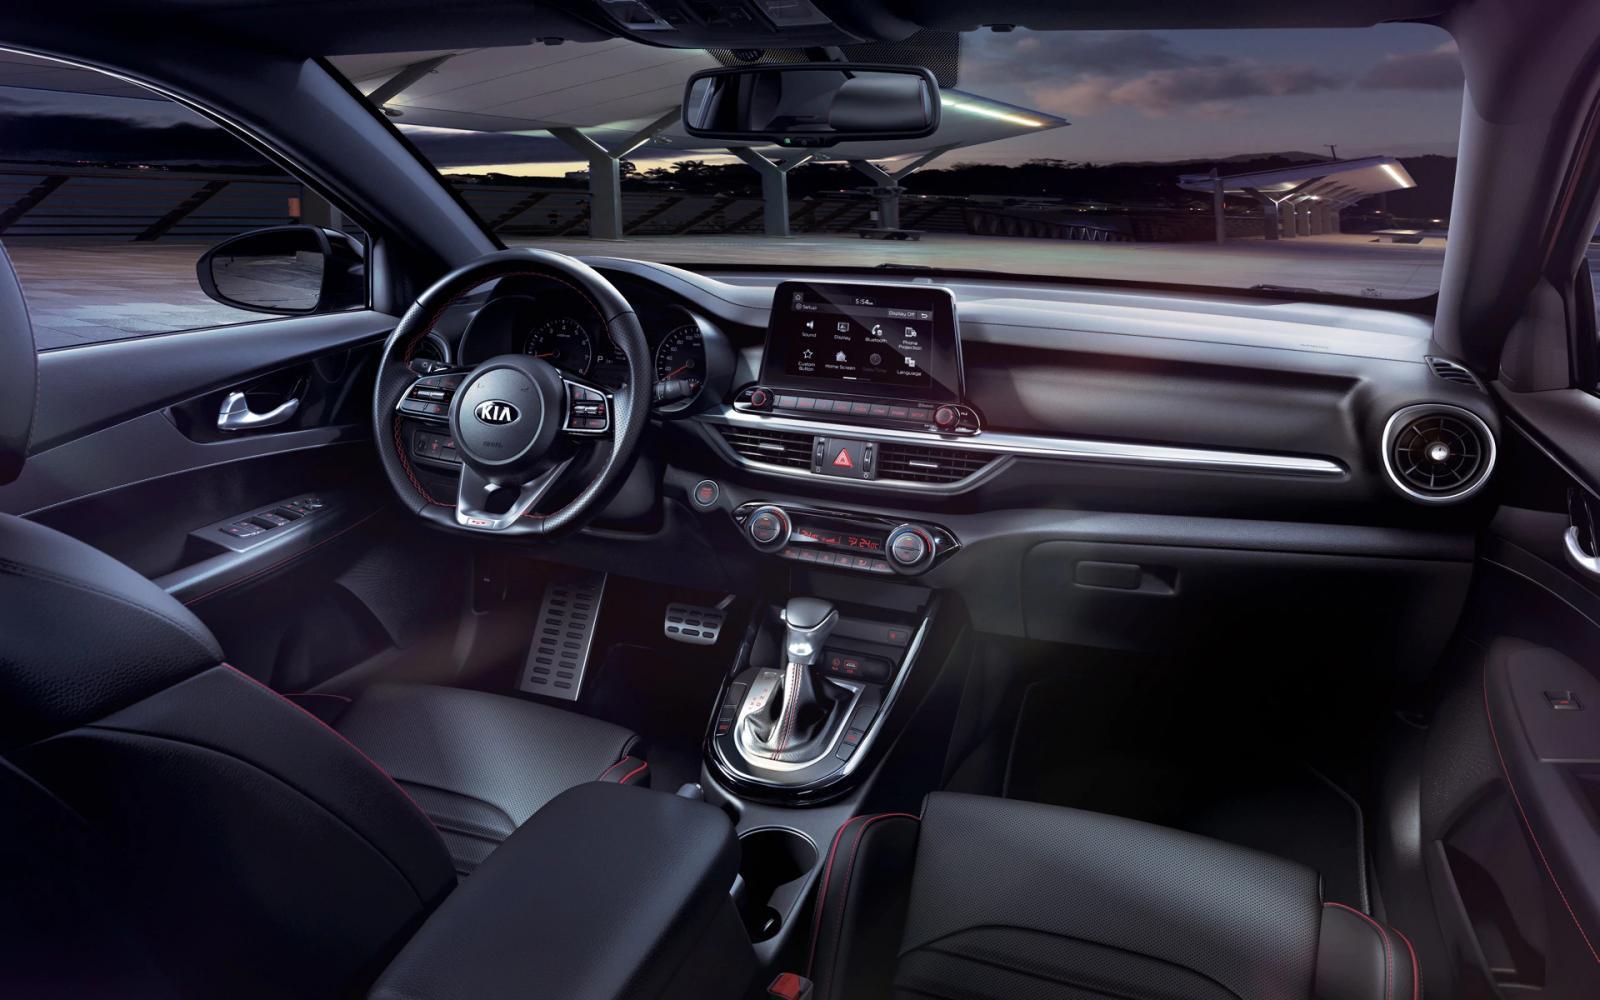 El interior del Kia Forte 2020 precio en México destaca por su funcionalidad, pero también por su estilo moderno y vanguardista